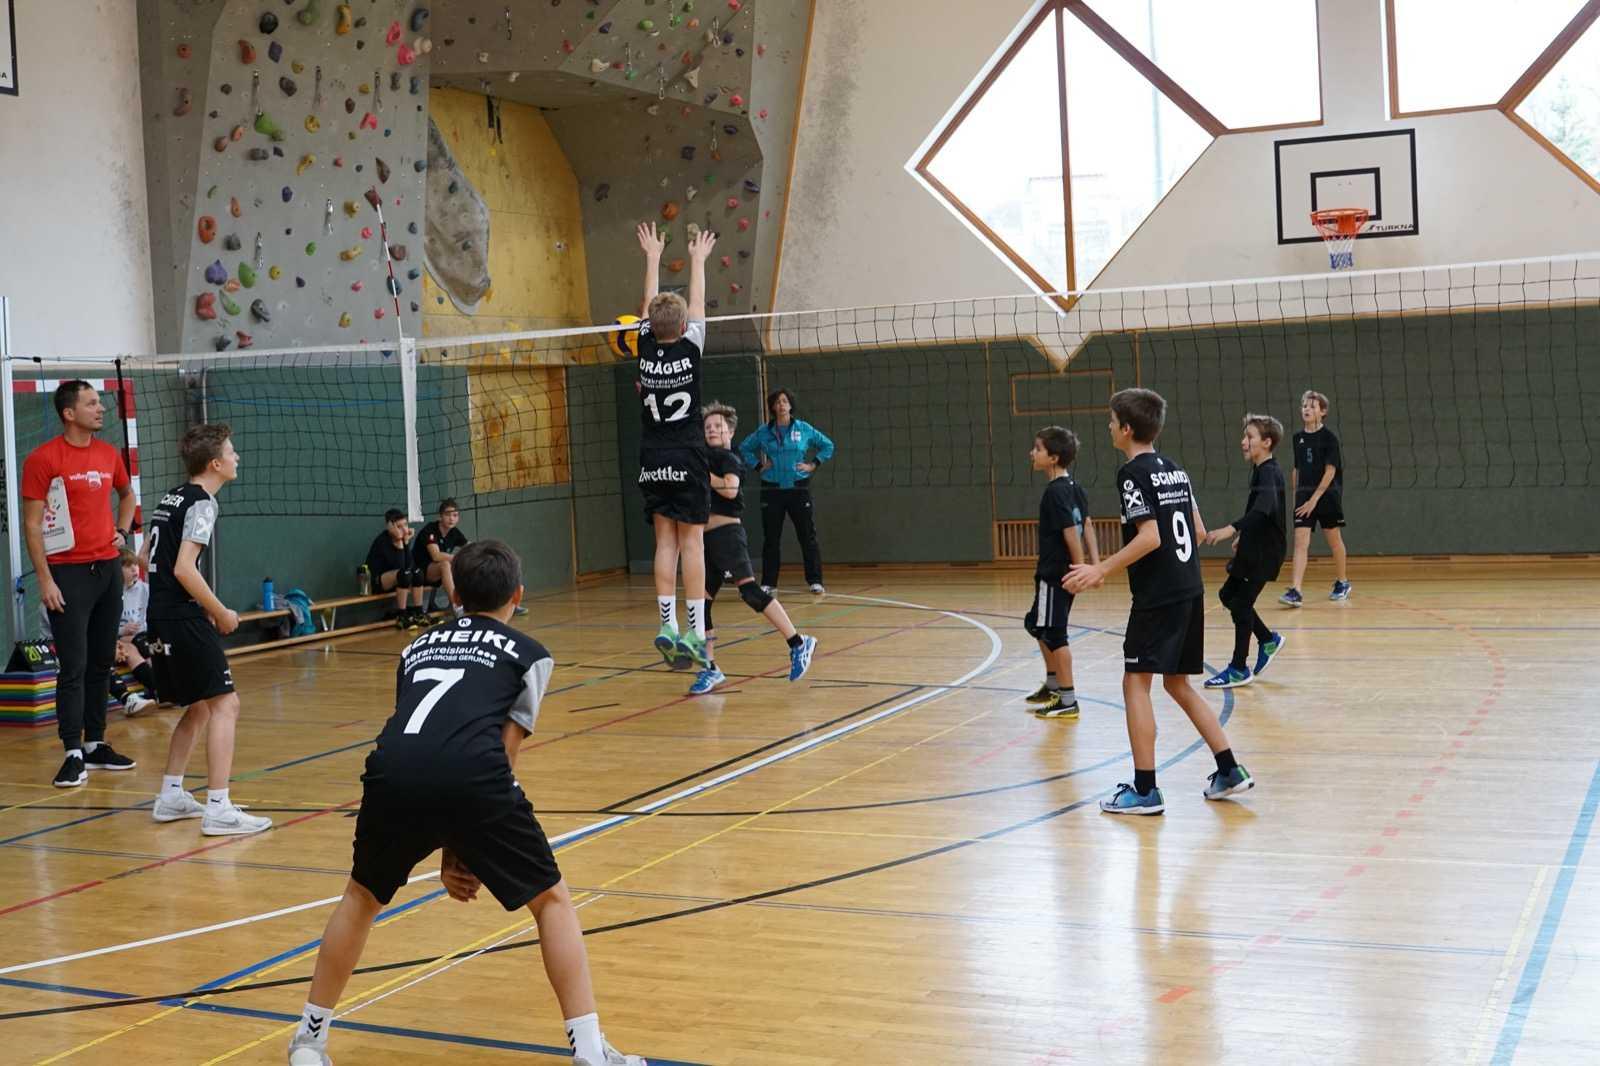 U15 gewinnt Turnier in der SMS Zwettl